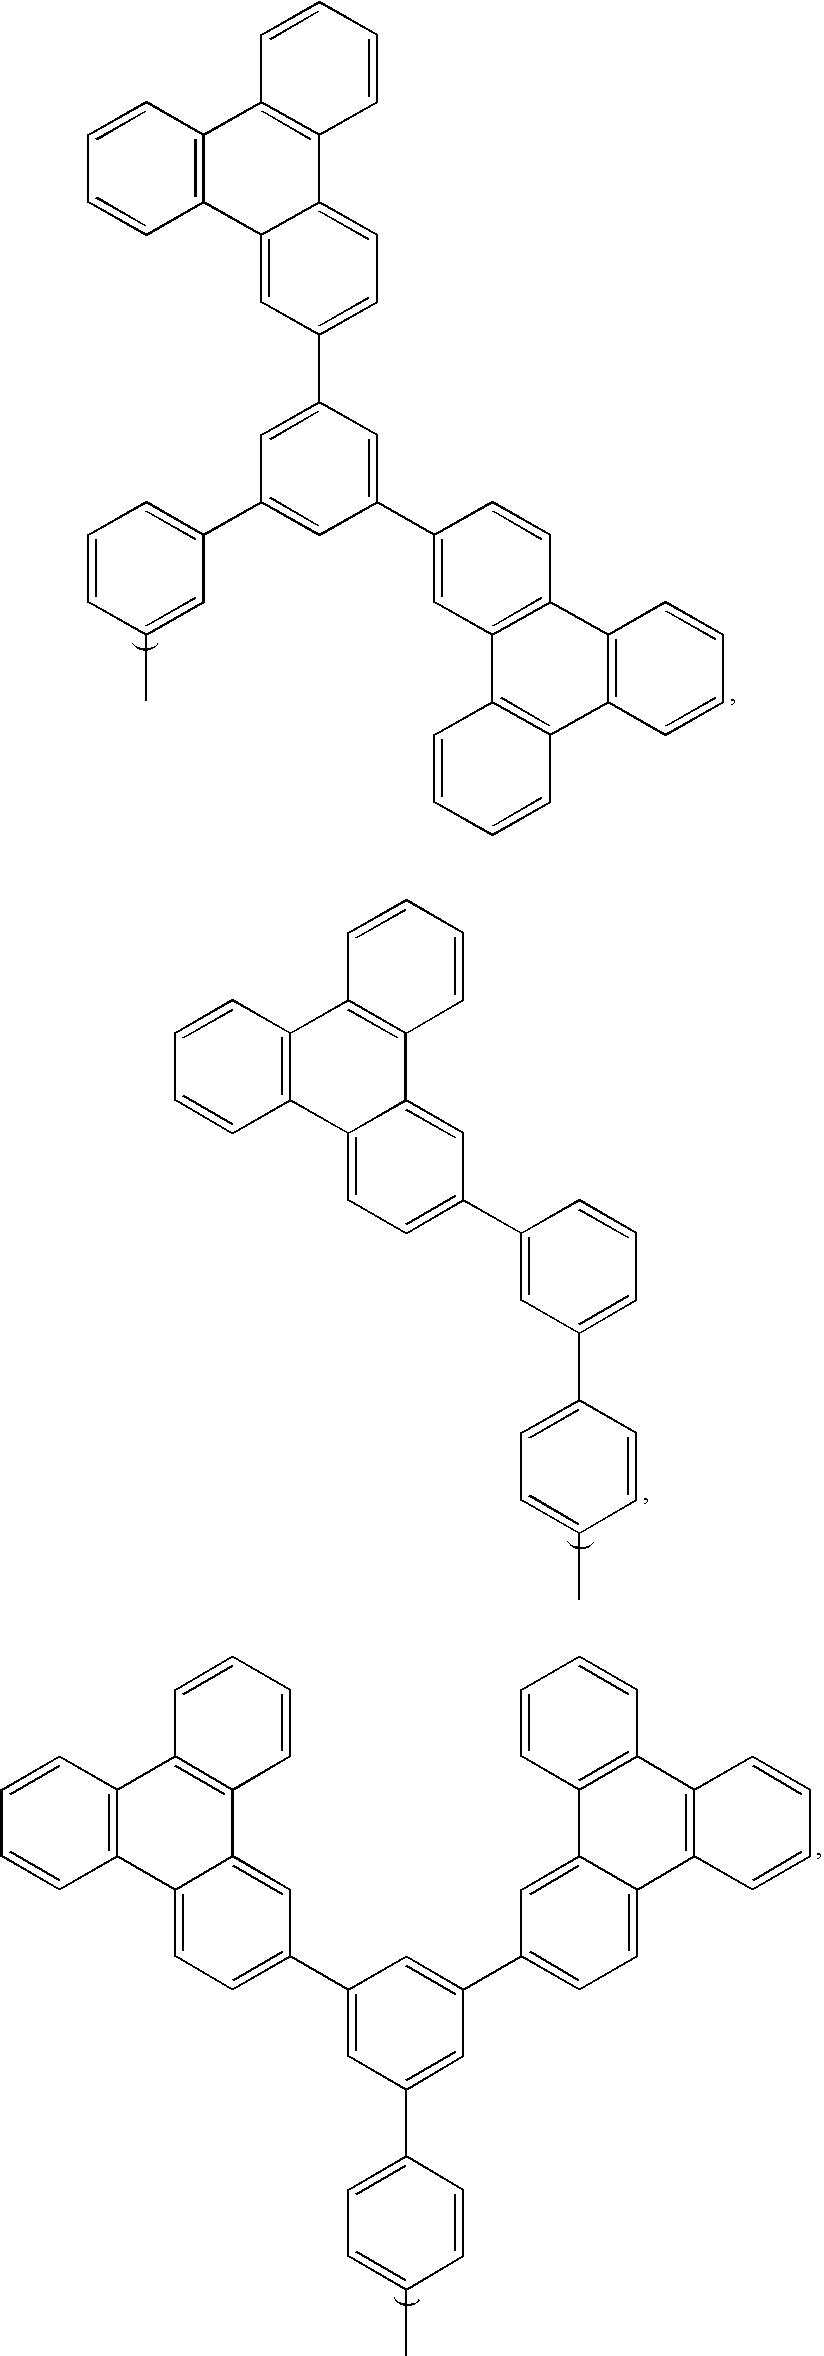 Figure US20080280163A1-20081113-C00007